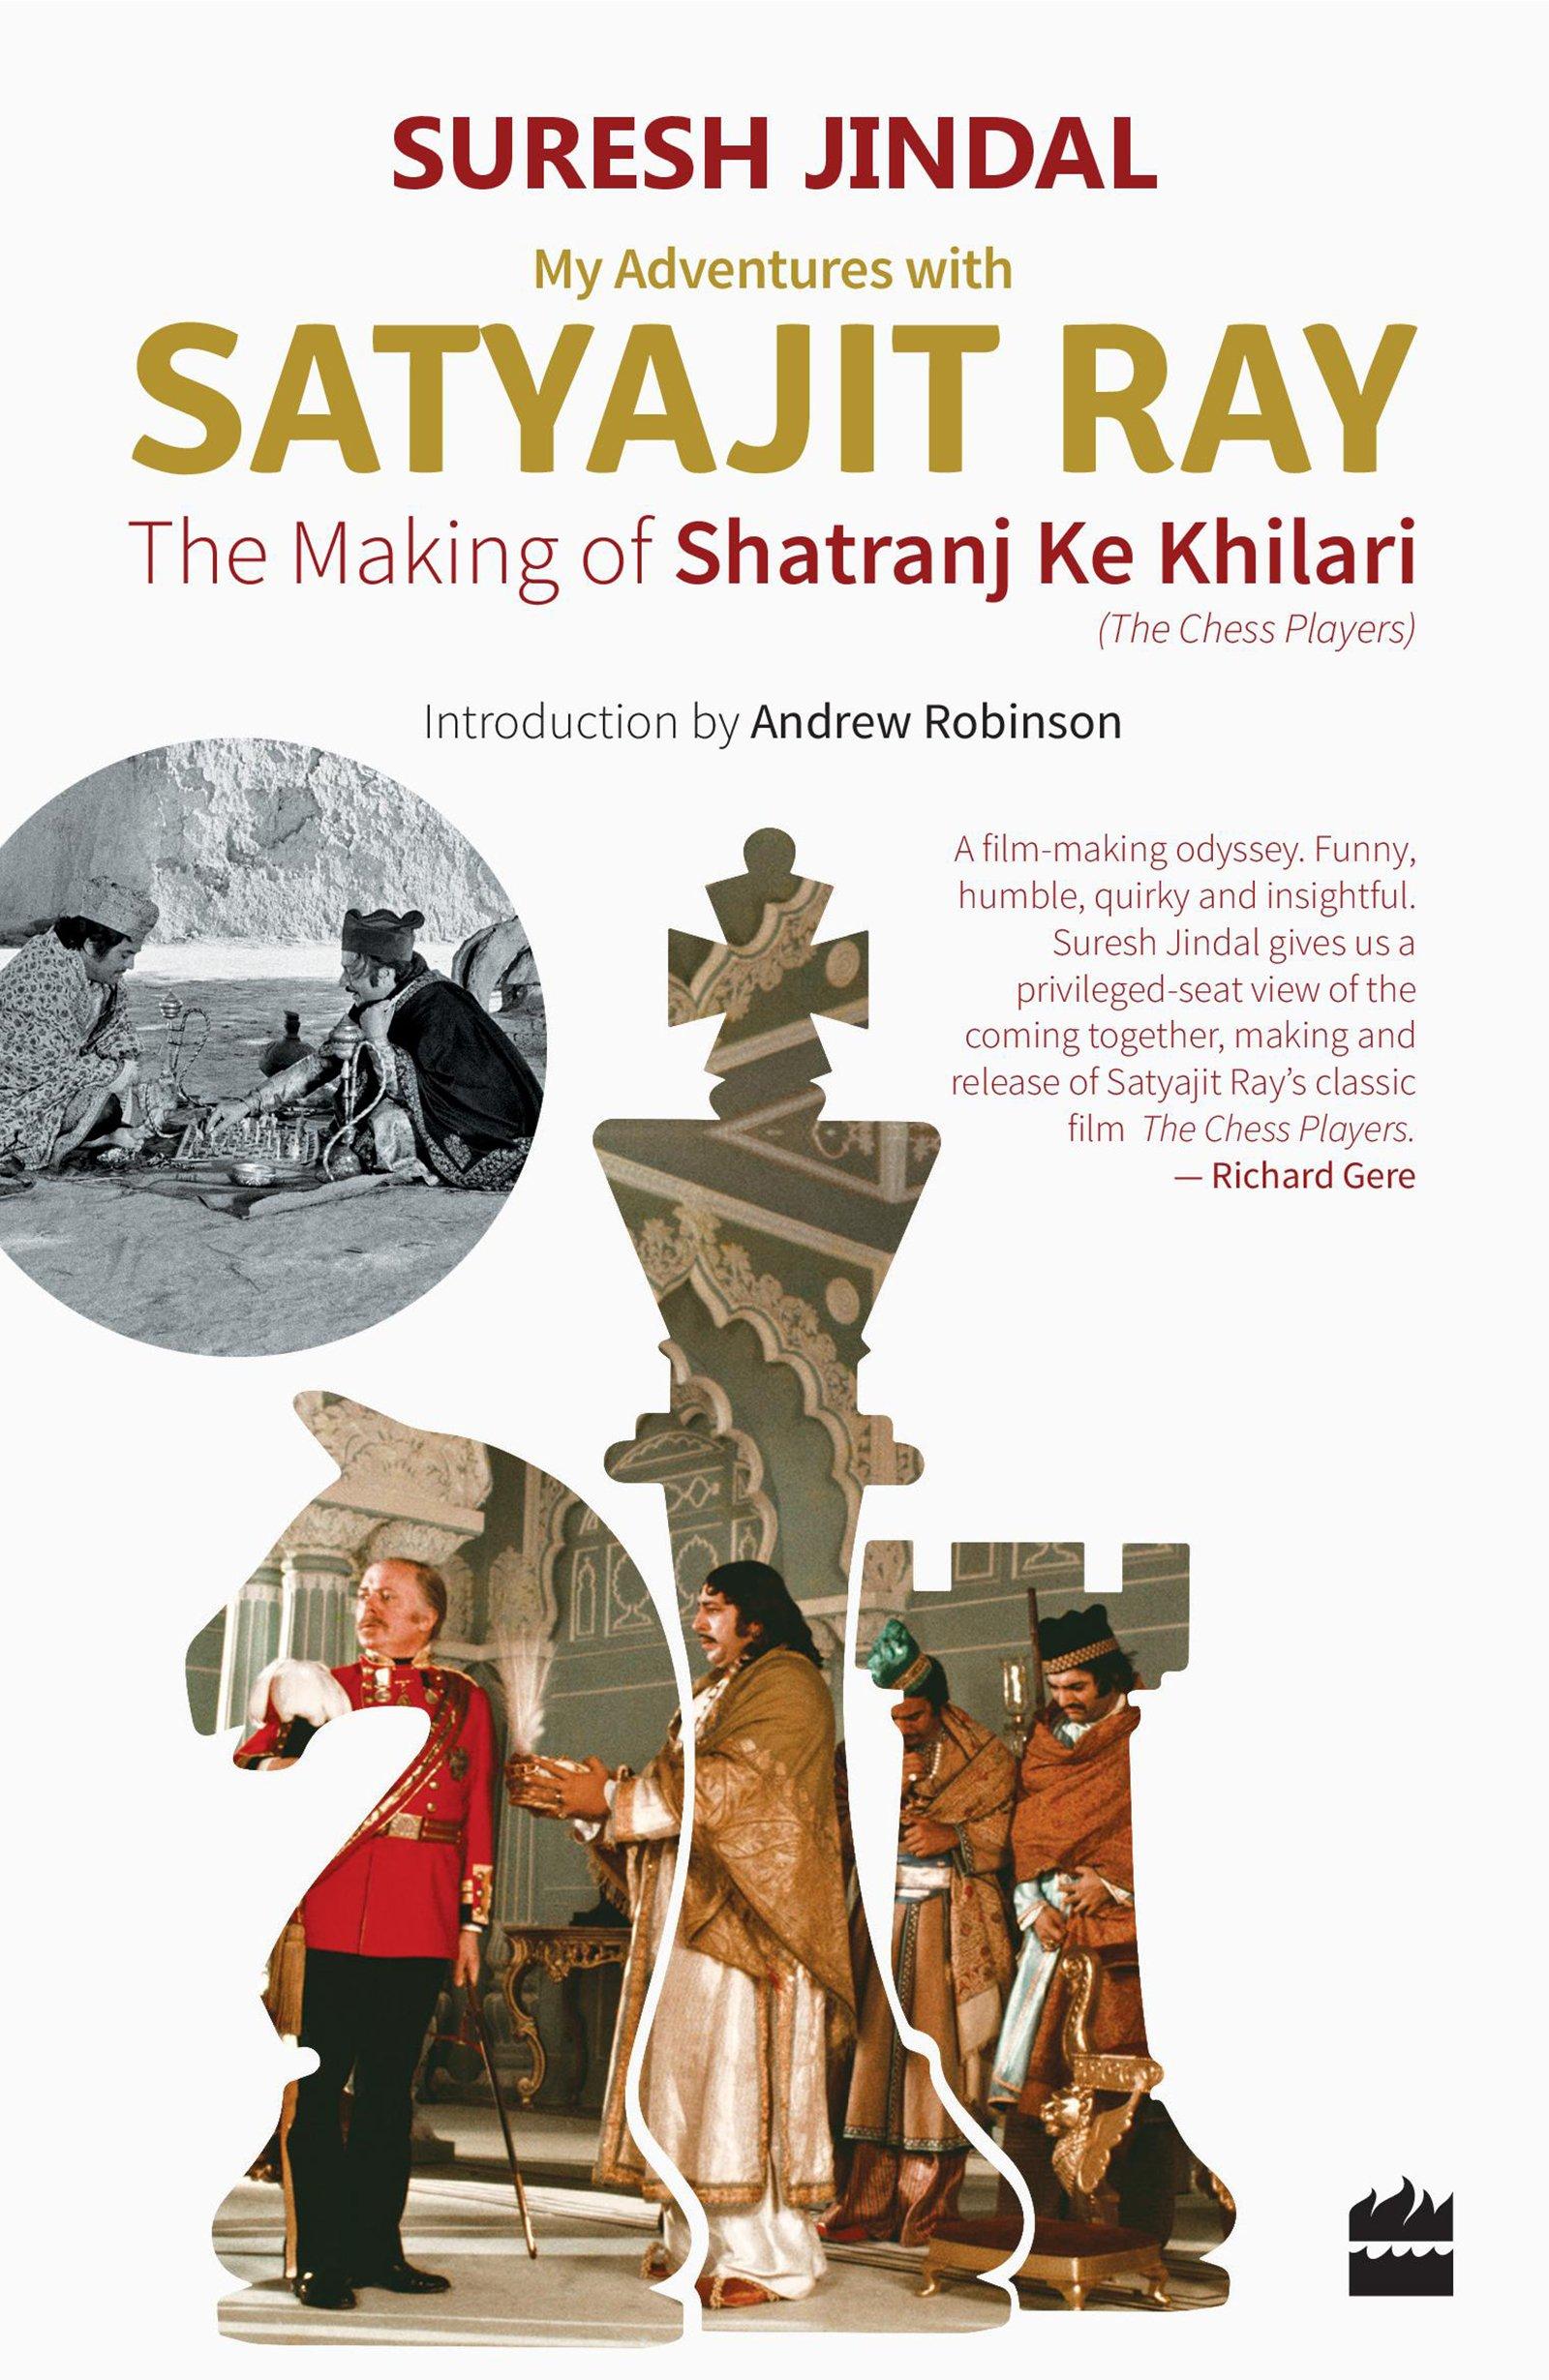 Suresh Jindal <em>My Adventures with Satyajit Ray: The Making of Shatranj ke Khiladi</em> Harper Collins, 2017